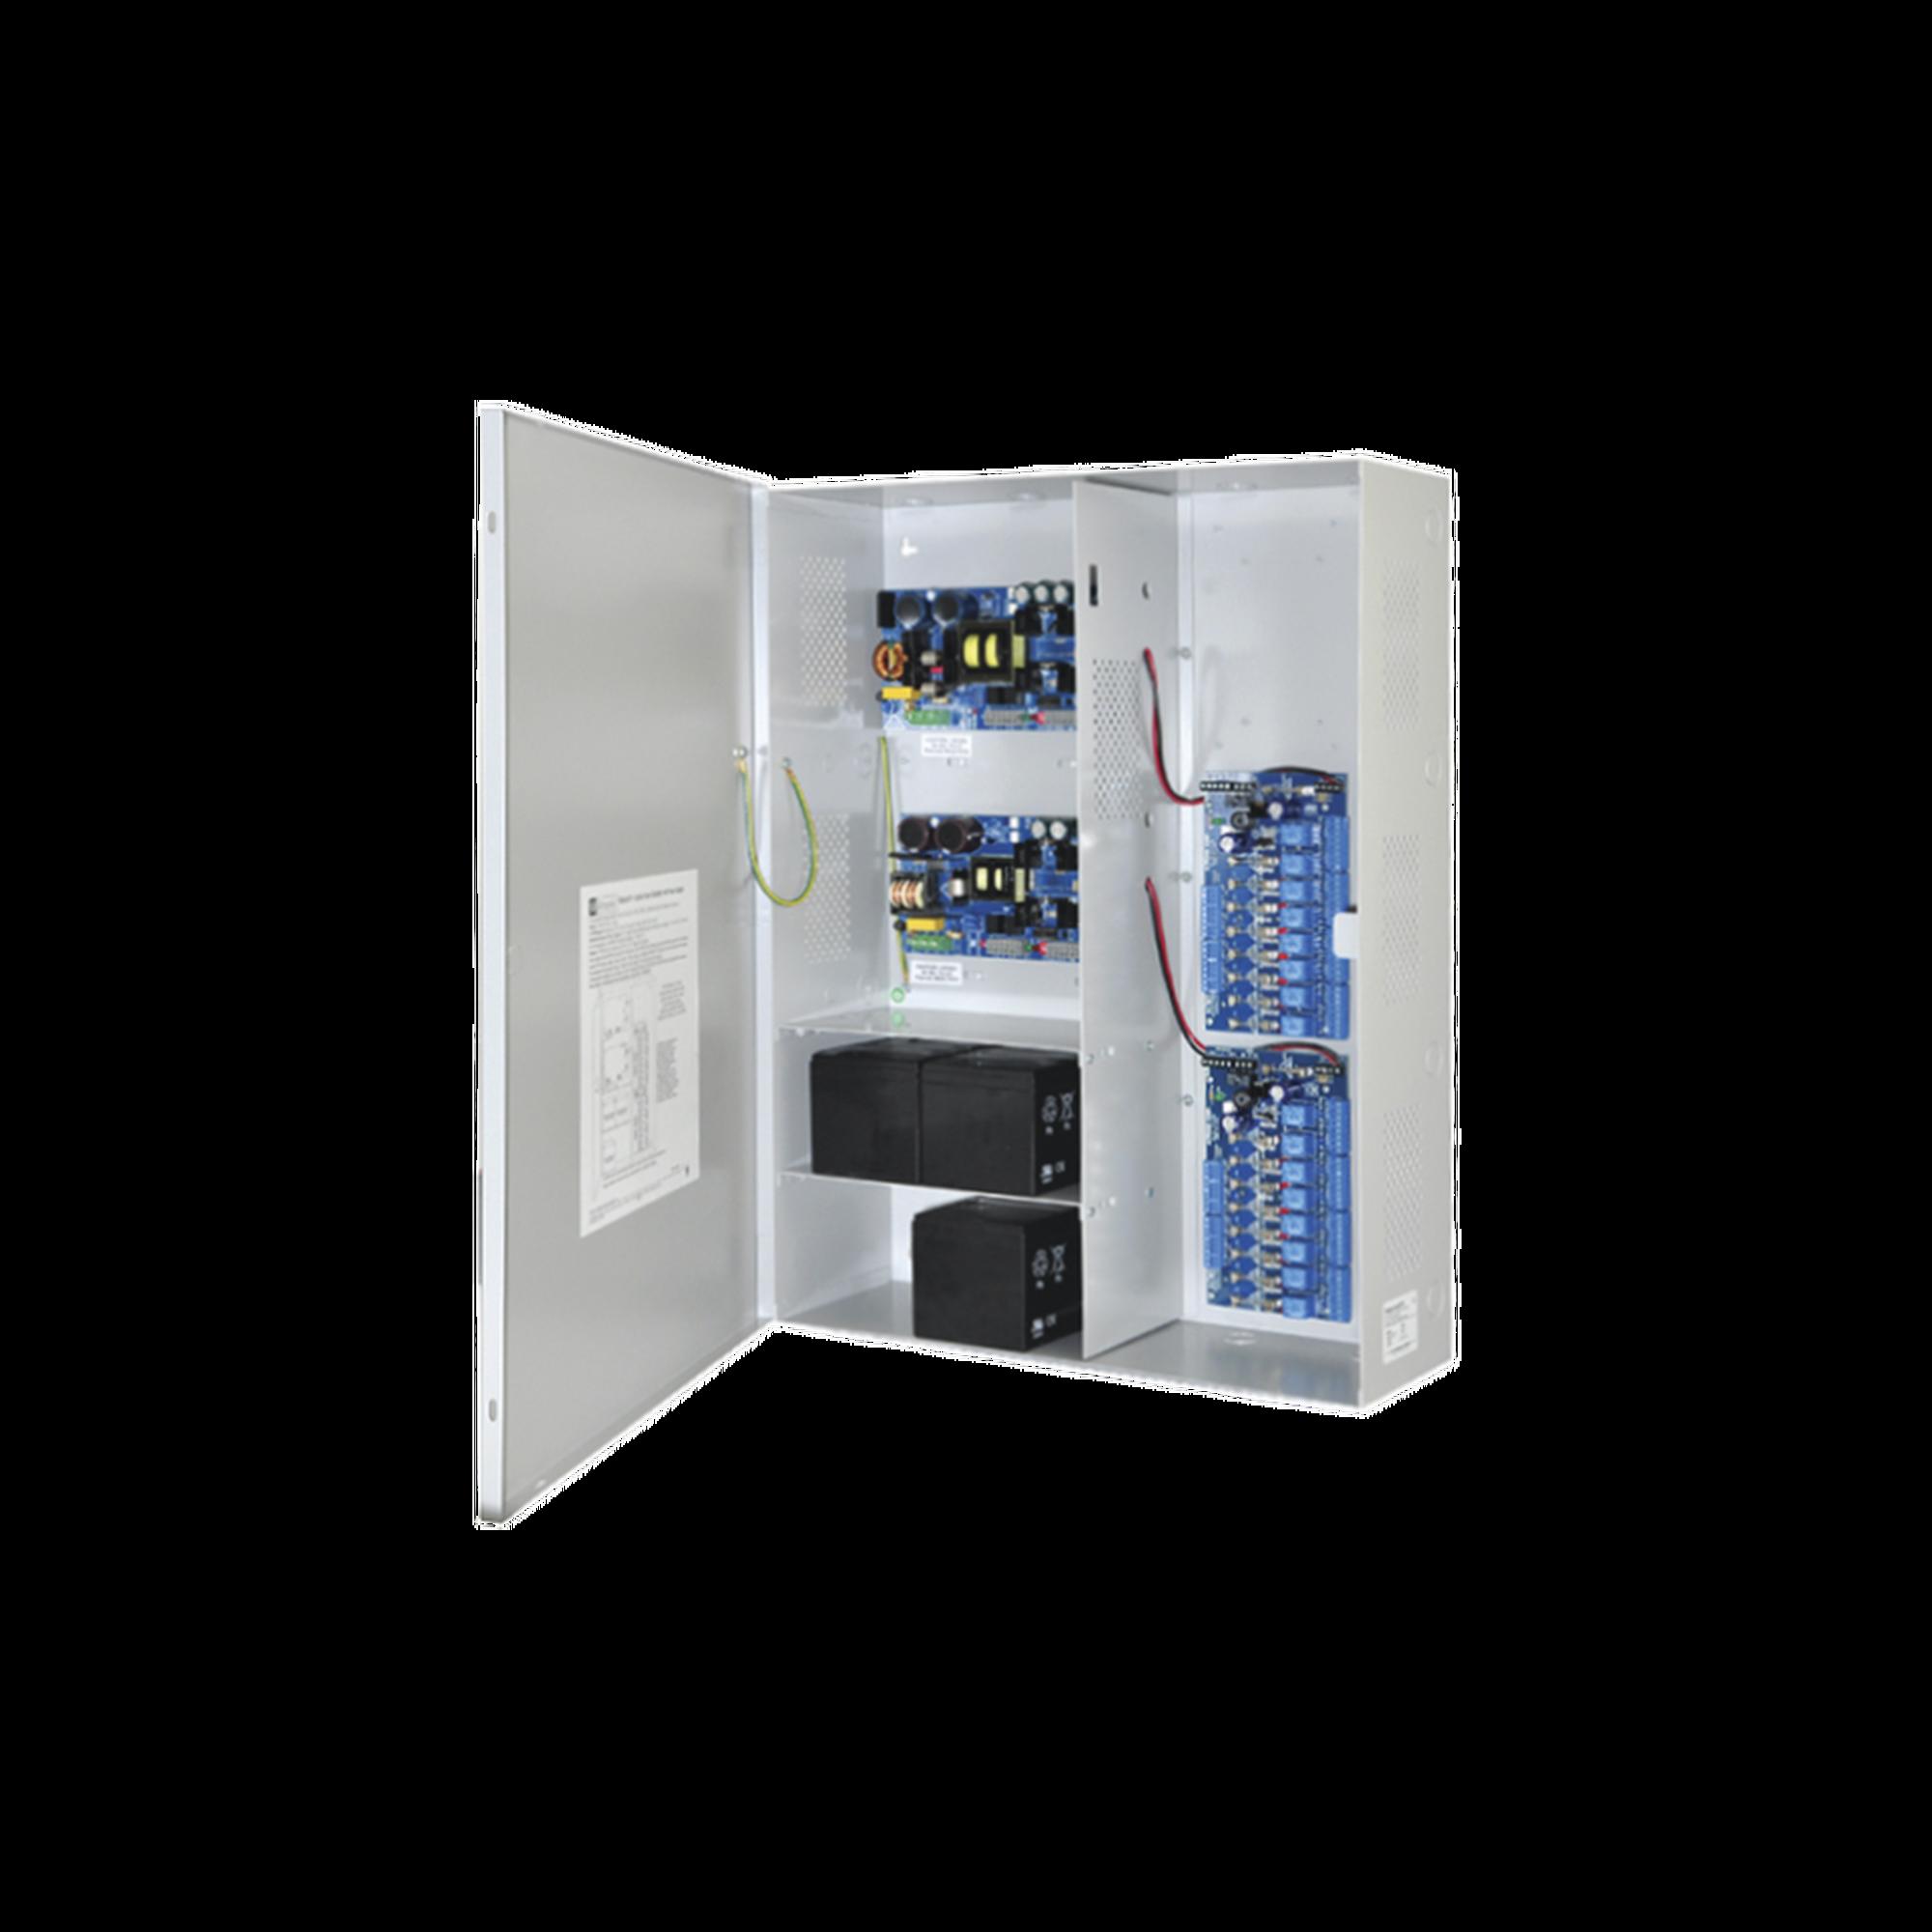 Fuente de poder DUAL ALTRONIX de 12 Vcd @ 9.3 Amper, y 24 Vcd @ 9.6 Amper con 16 salidas, con capacidad de respaldo, para aplicaciones de control de acceso, alarmas, CCTV, con voltaje de entrada en 120 Vca